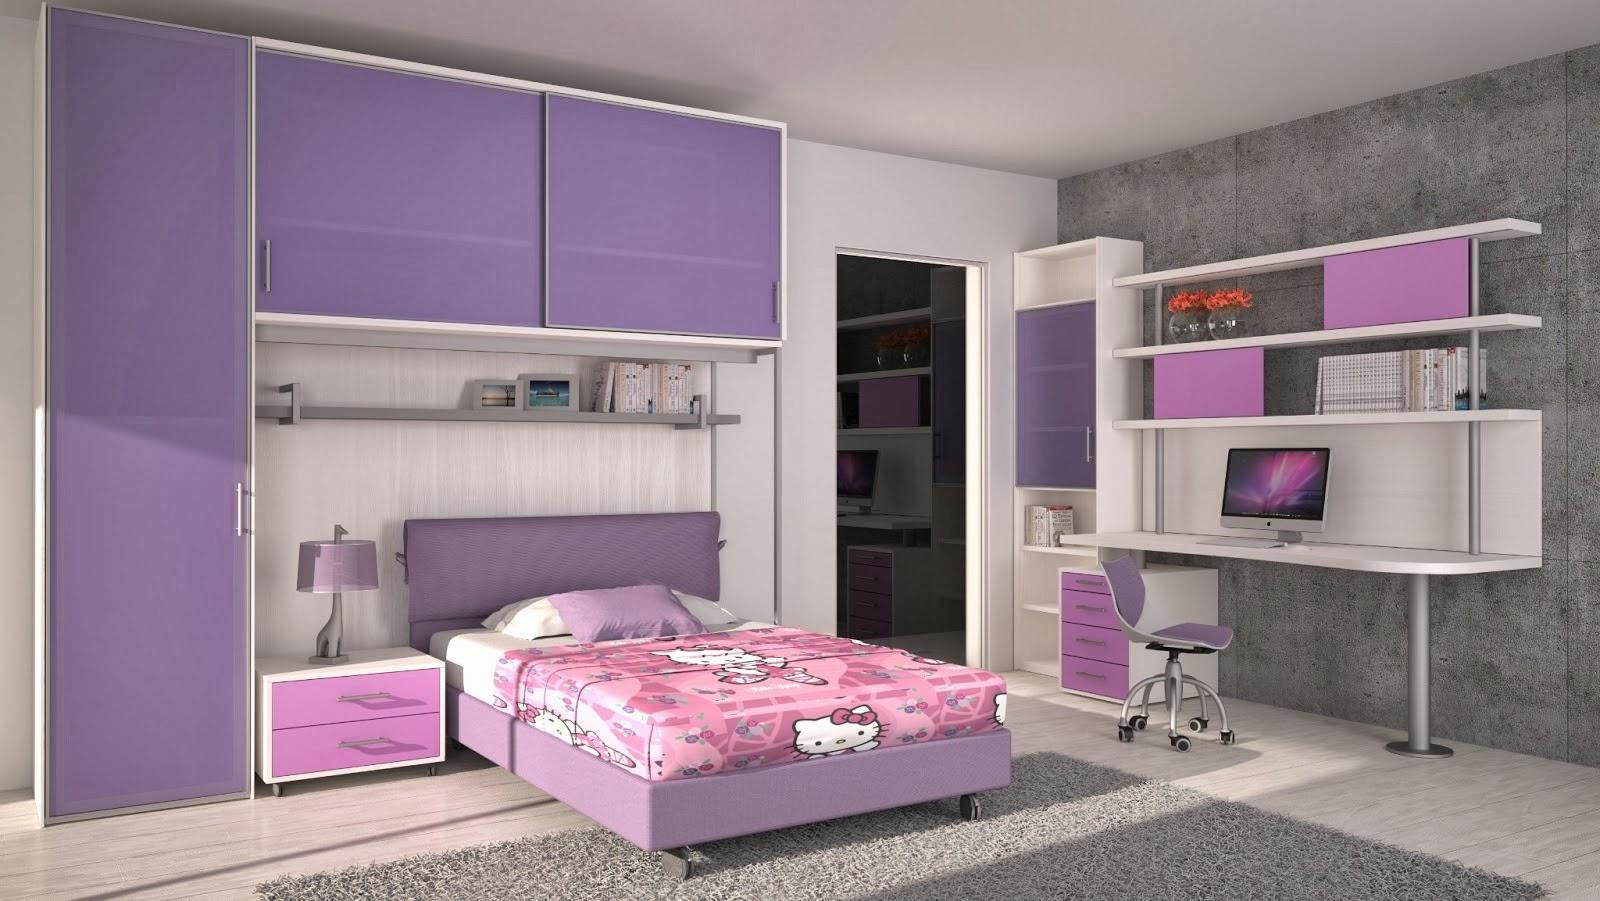 Cuarto de ni a en rosa y lila dormitorios colores y estilos for Dormitorios para 4 ninas